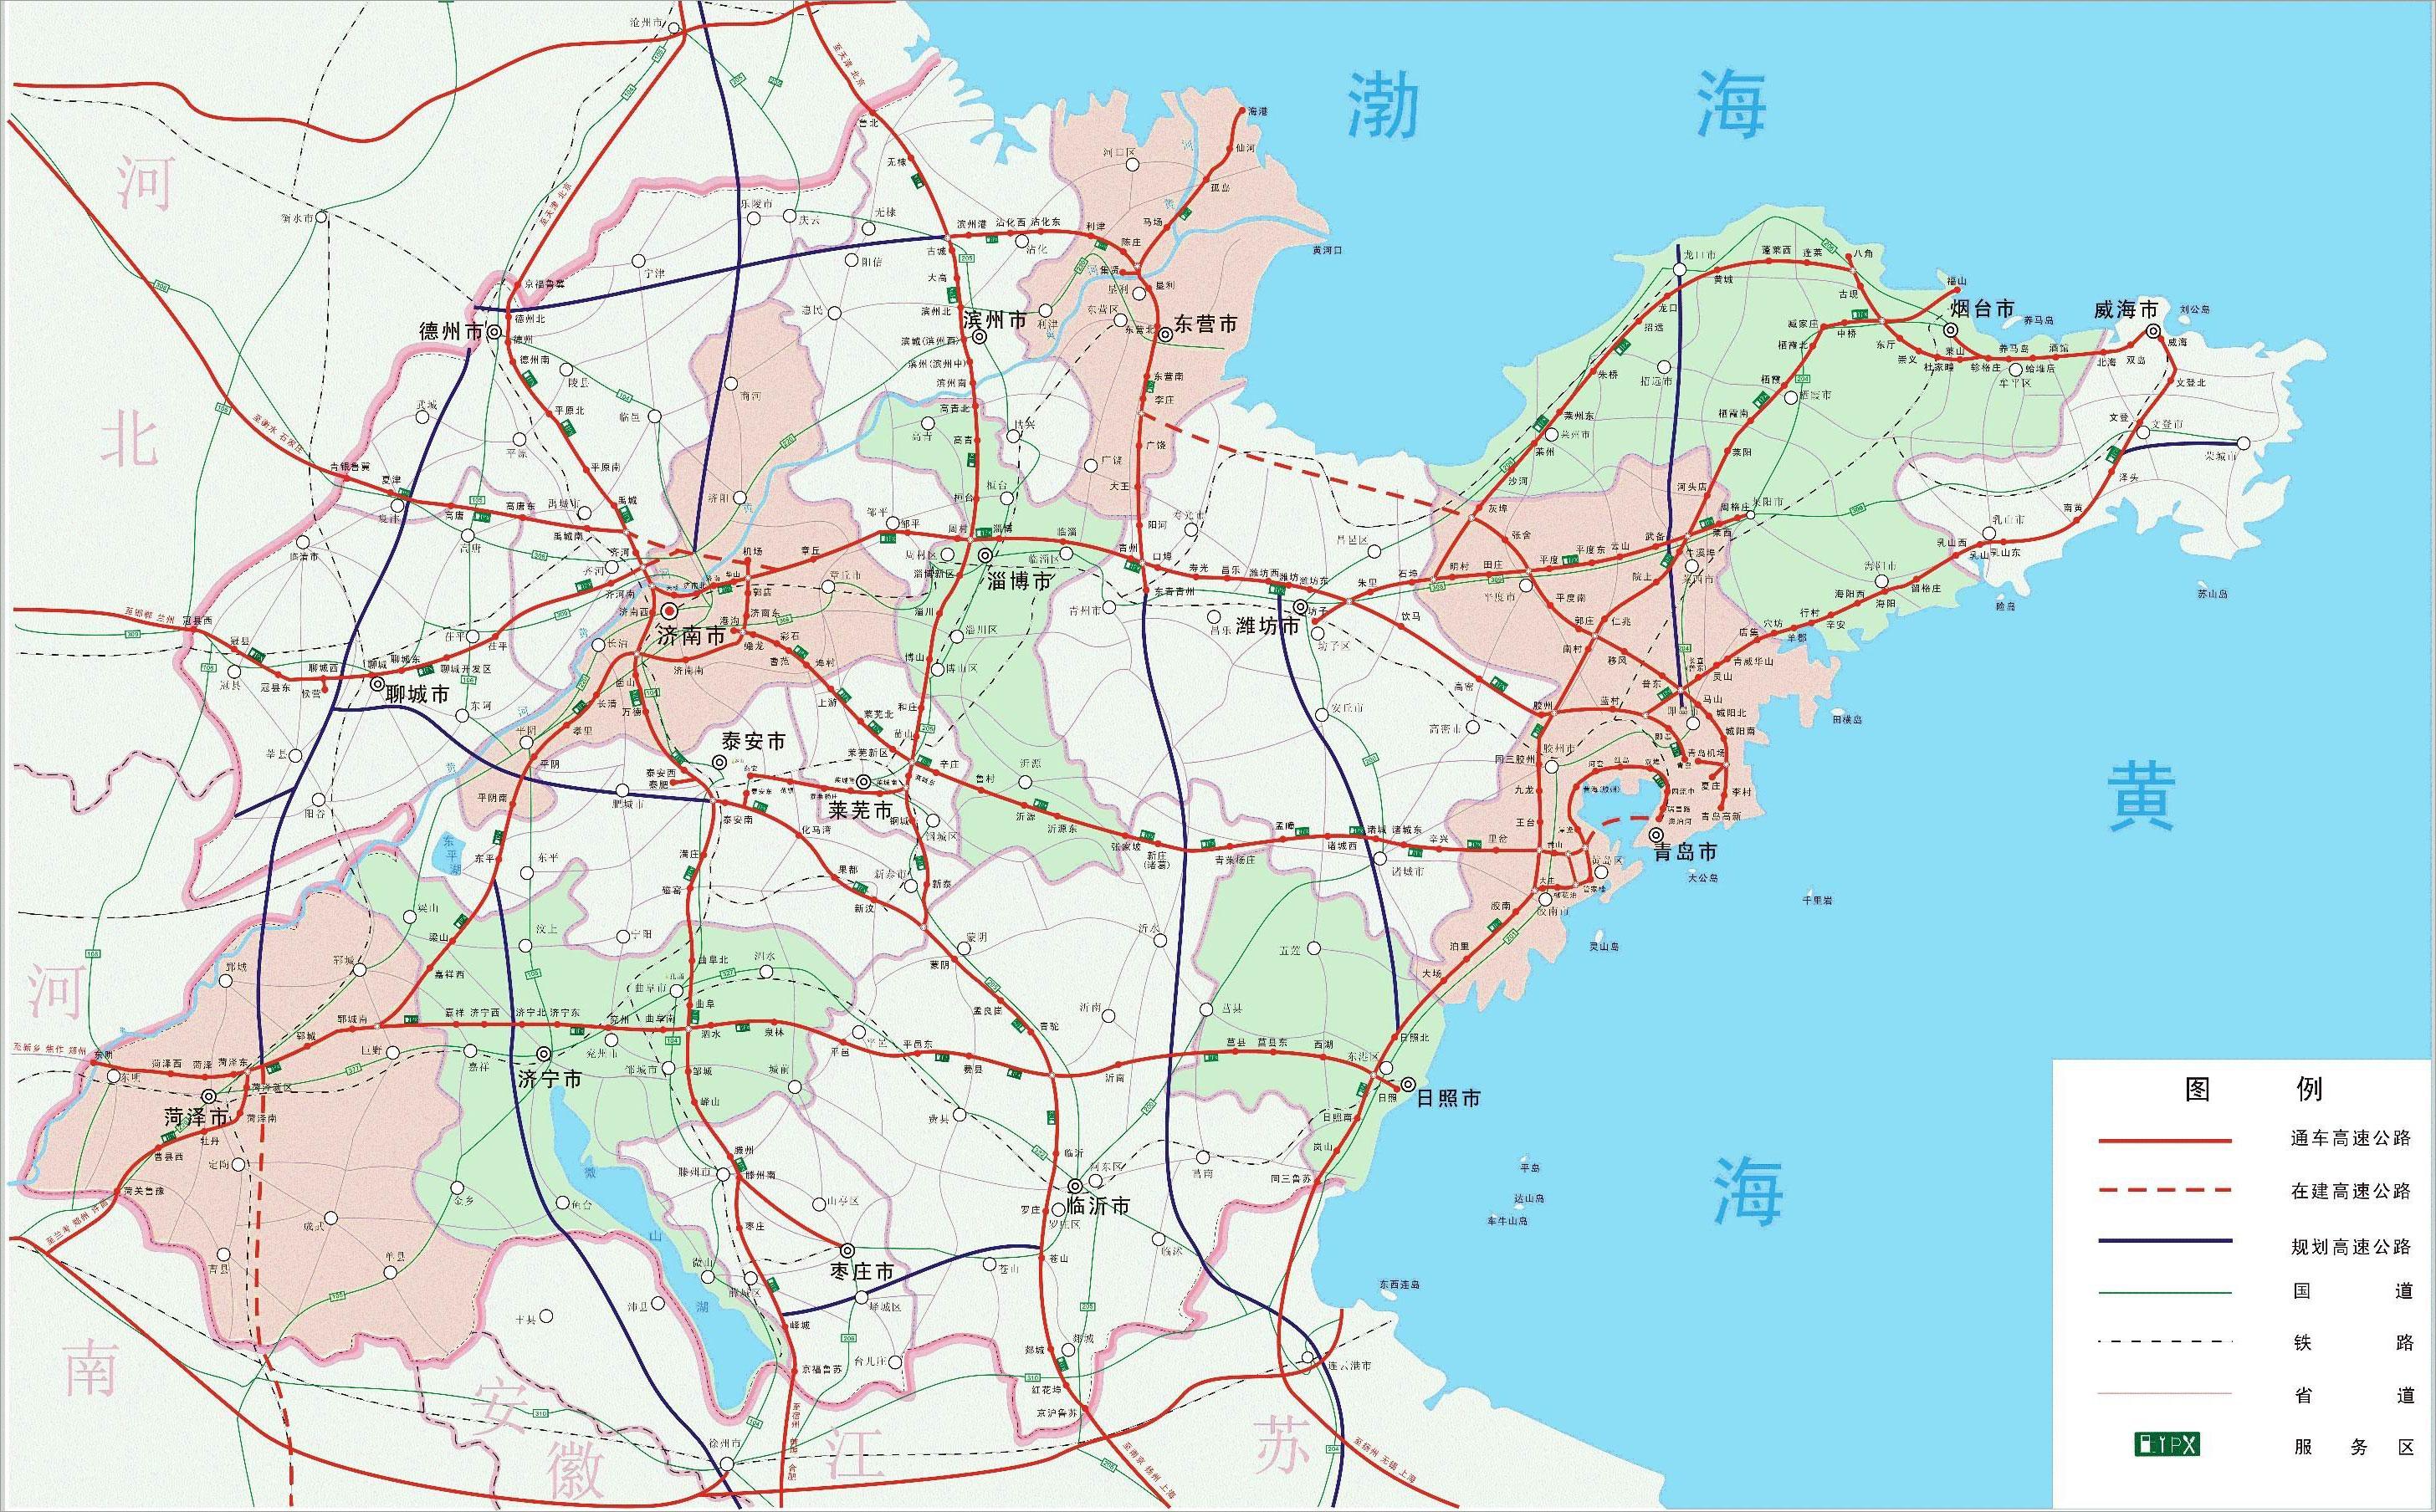 高速公路地图分享展示